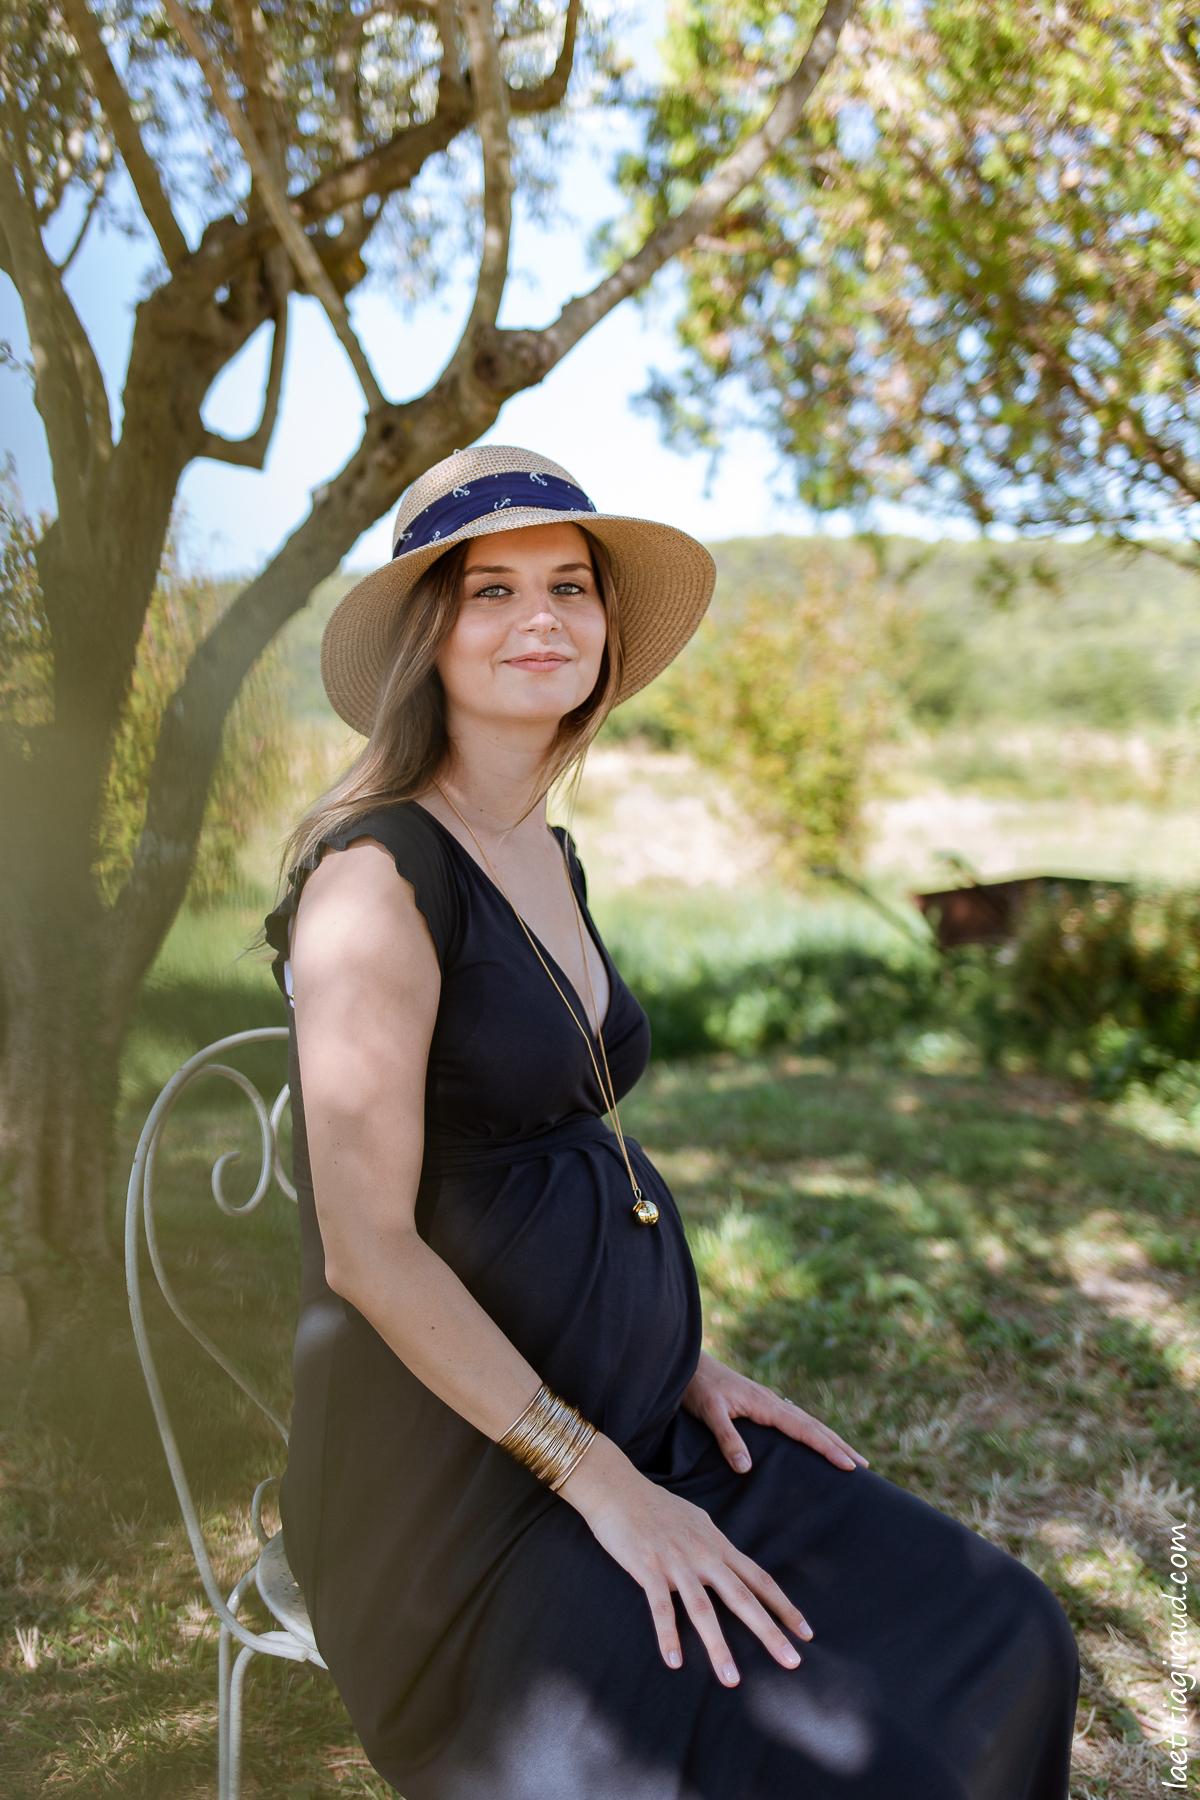 femme enceinte alitée et rayonnante de bonheur en vaucluse